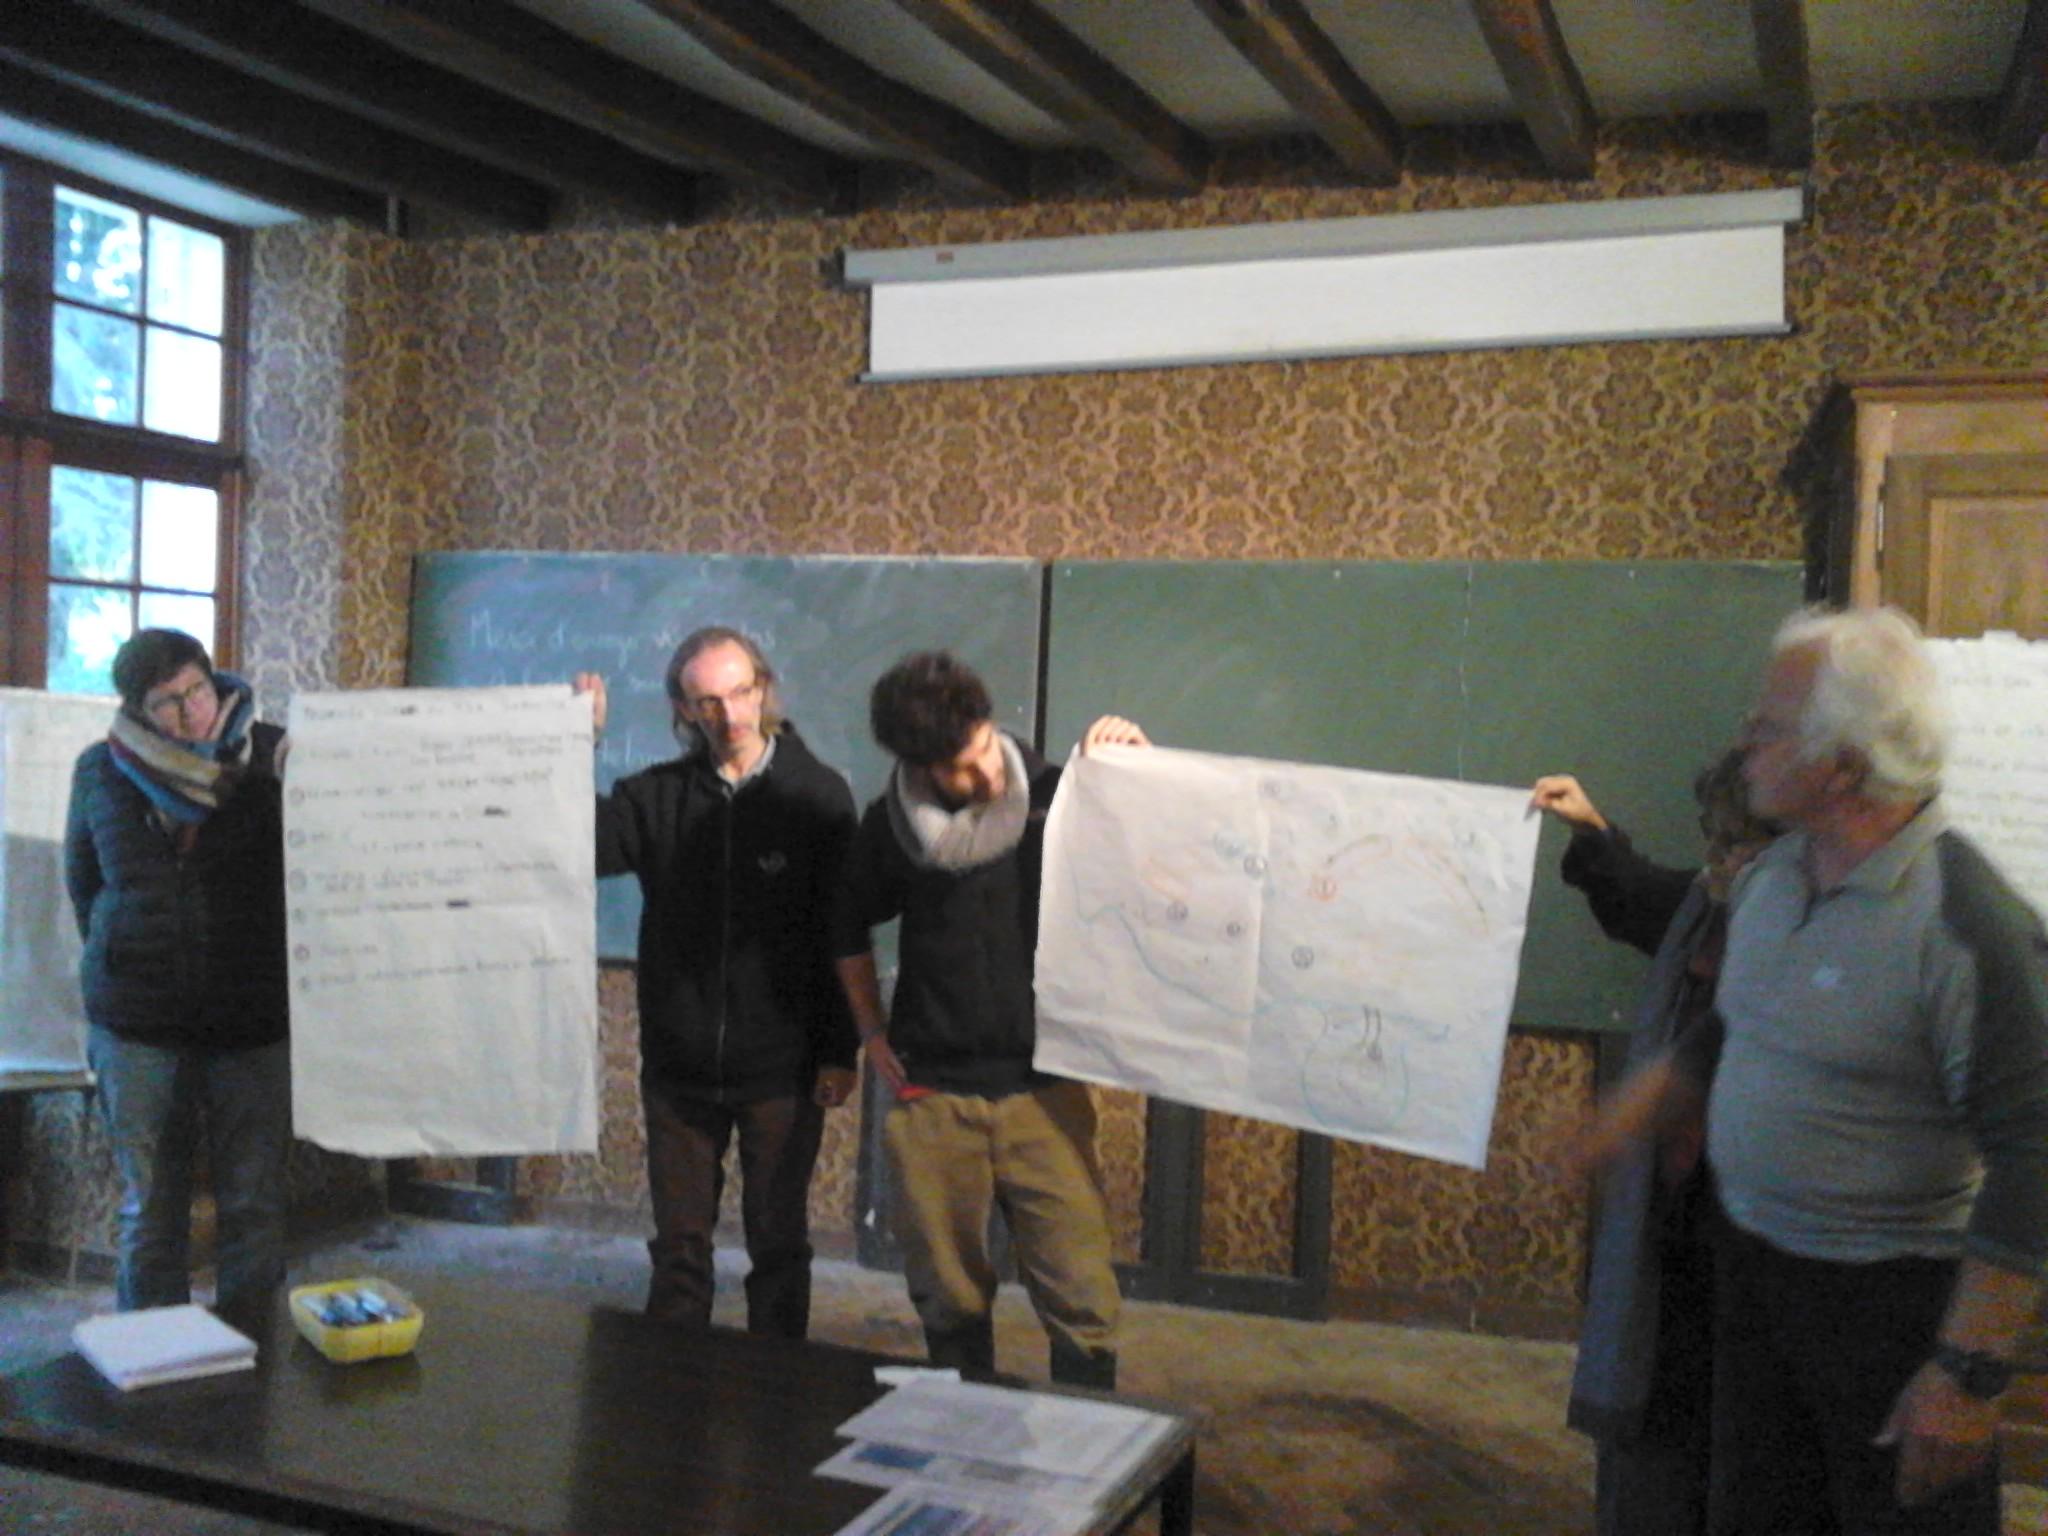 Un WE d'Initiation à la Permaculture made by les Zurbaculteurs